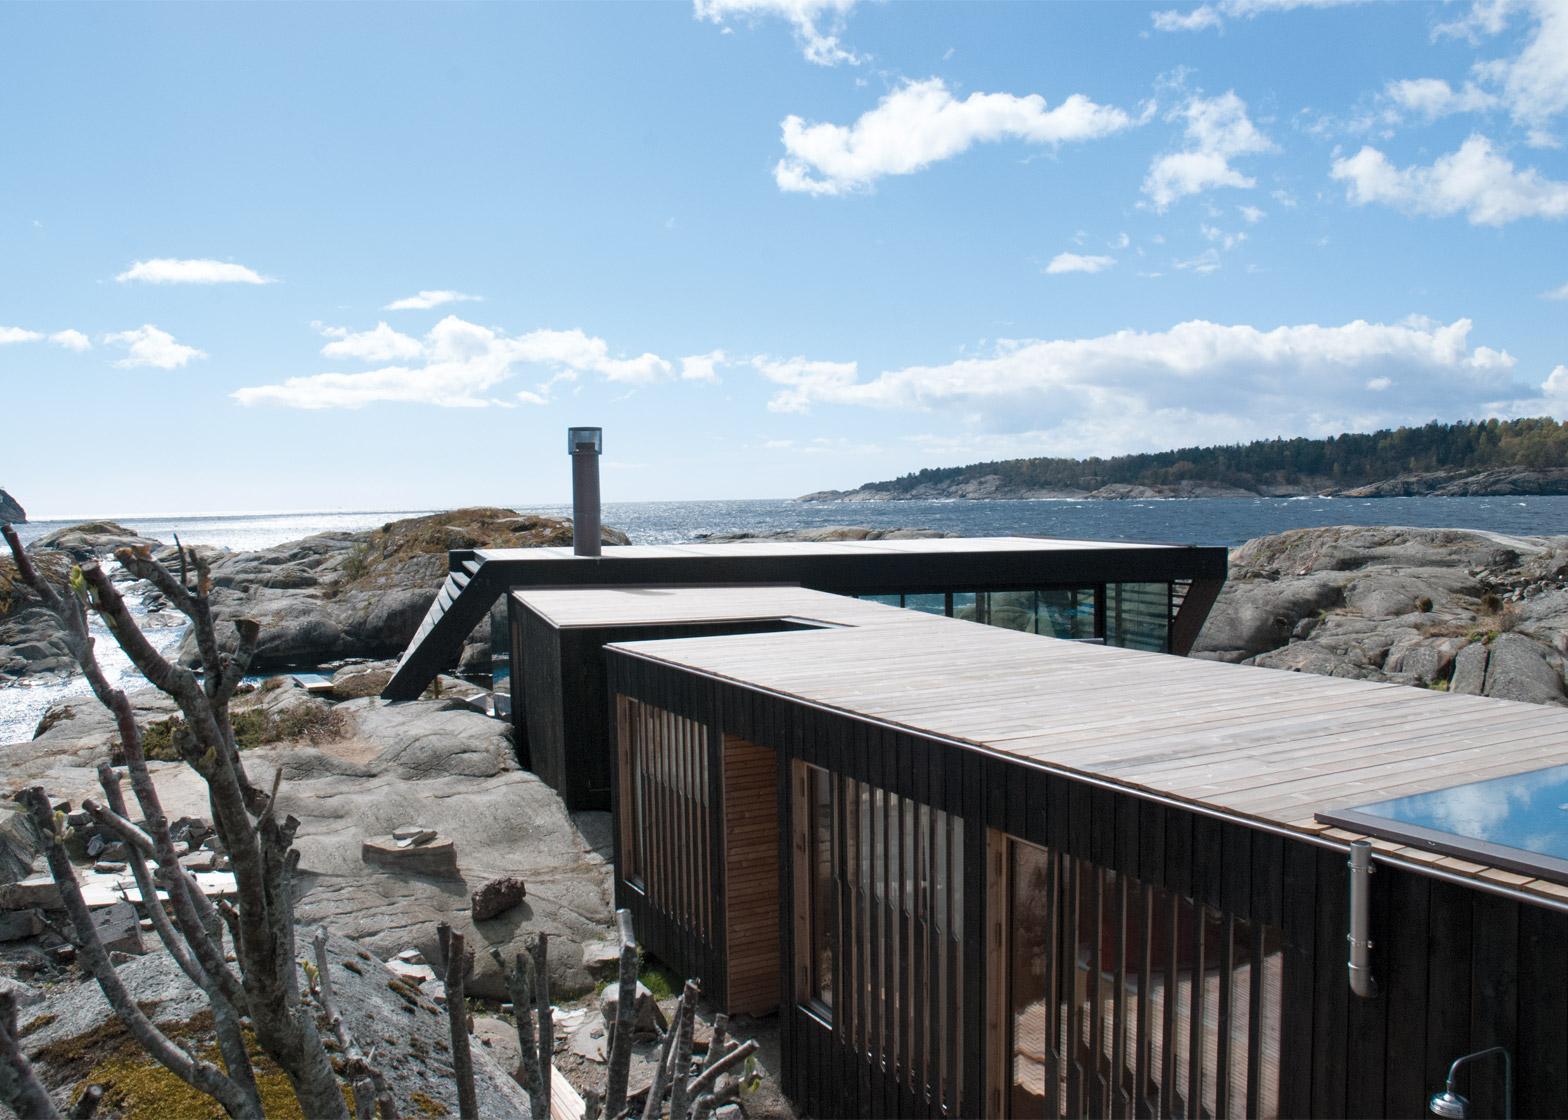 Cabin Lille Arøya by Lund Hagem